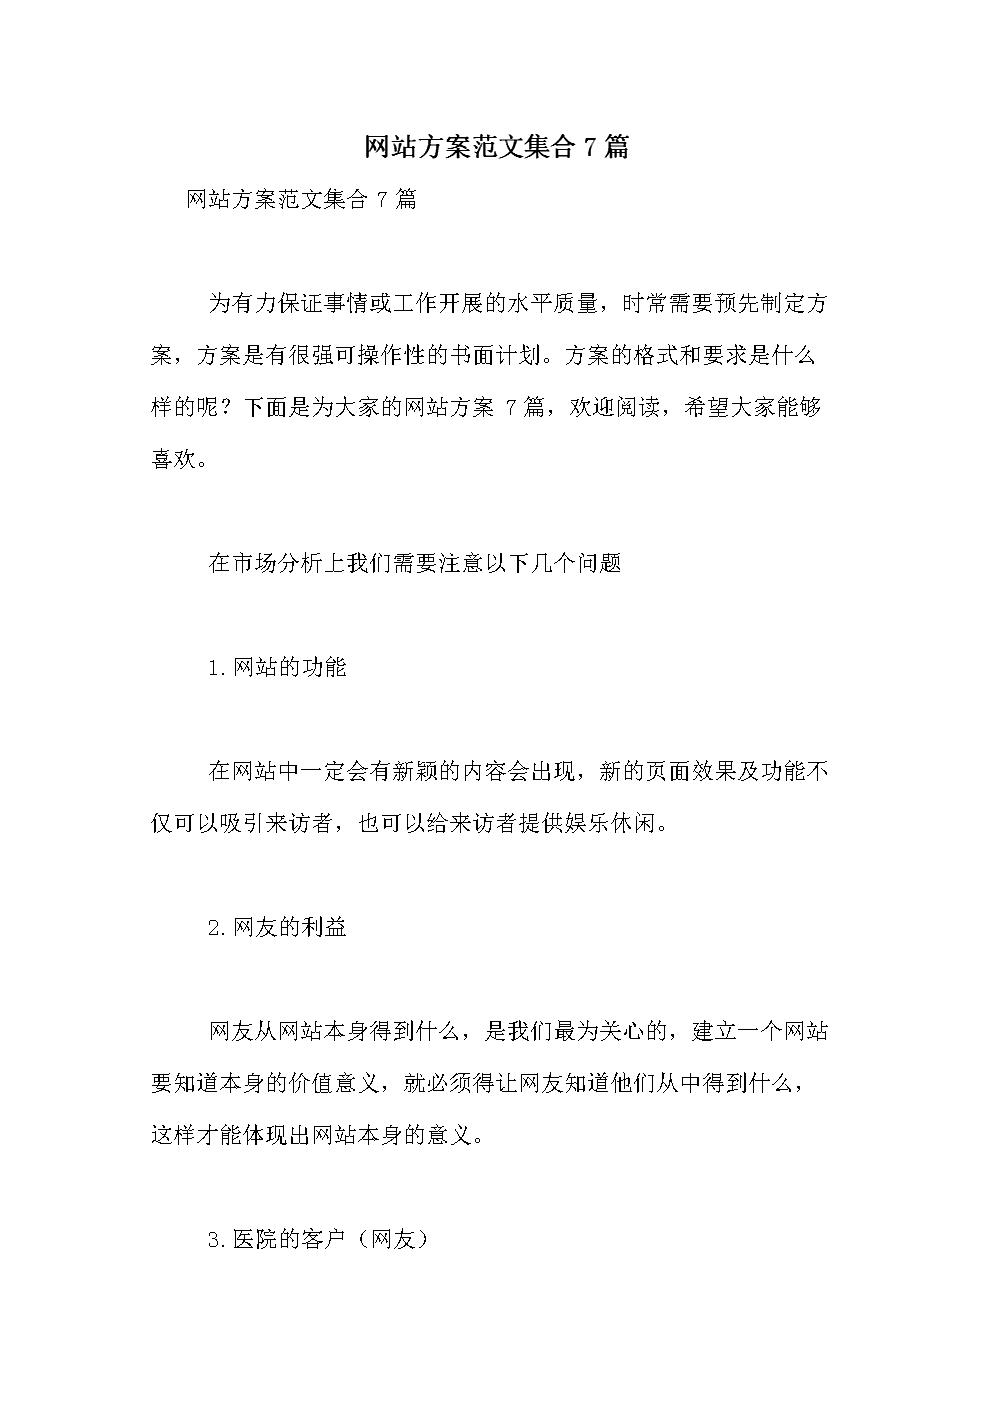 网站方案范文集合7篇.doc